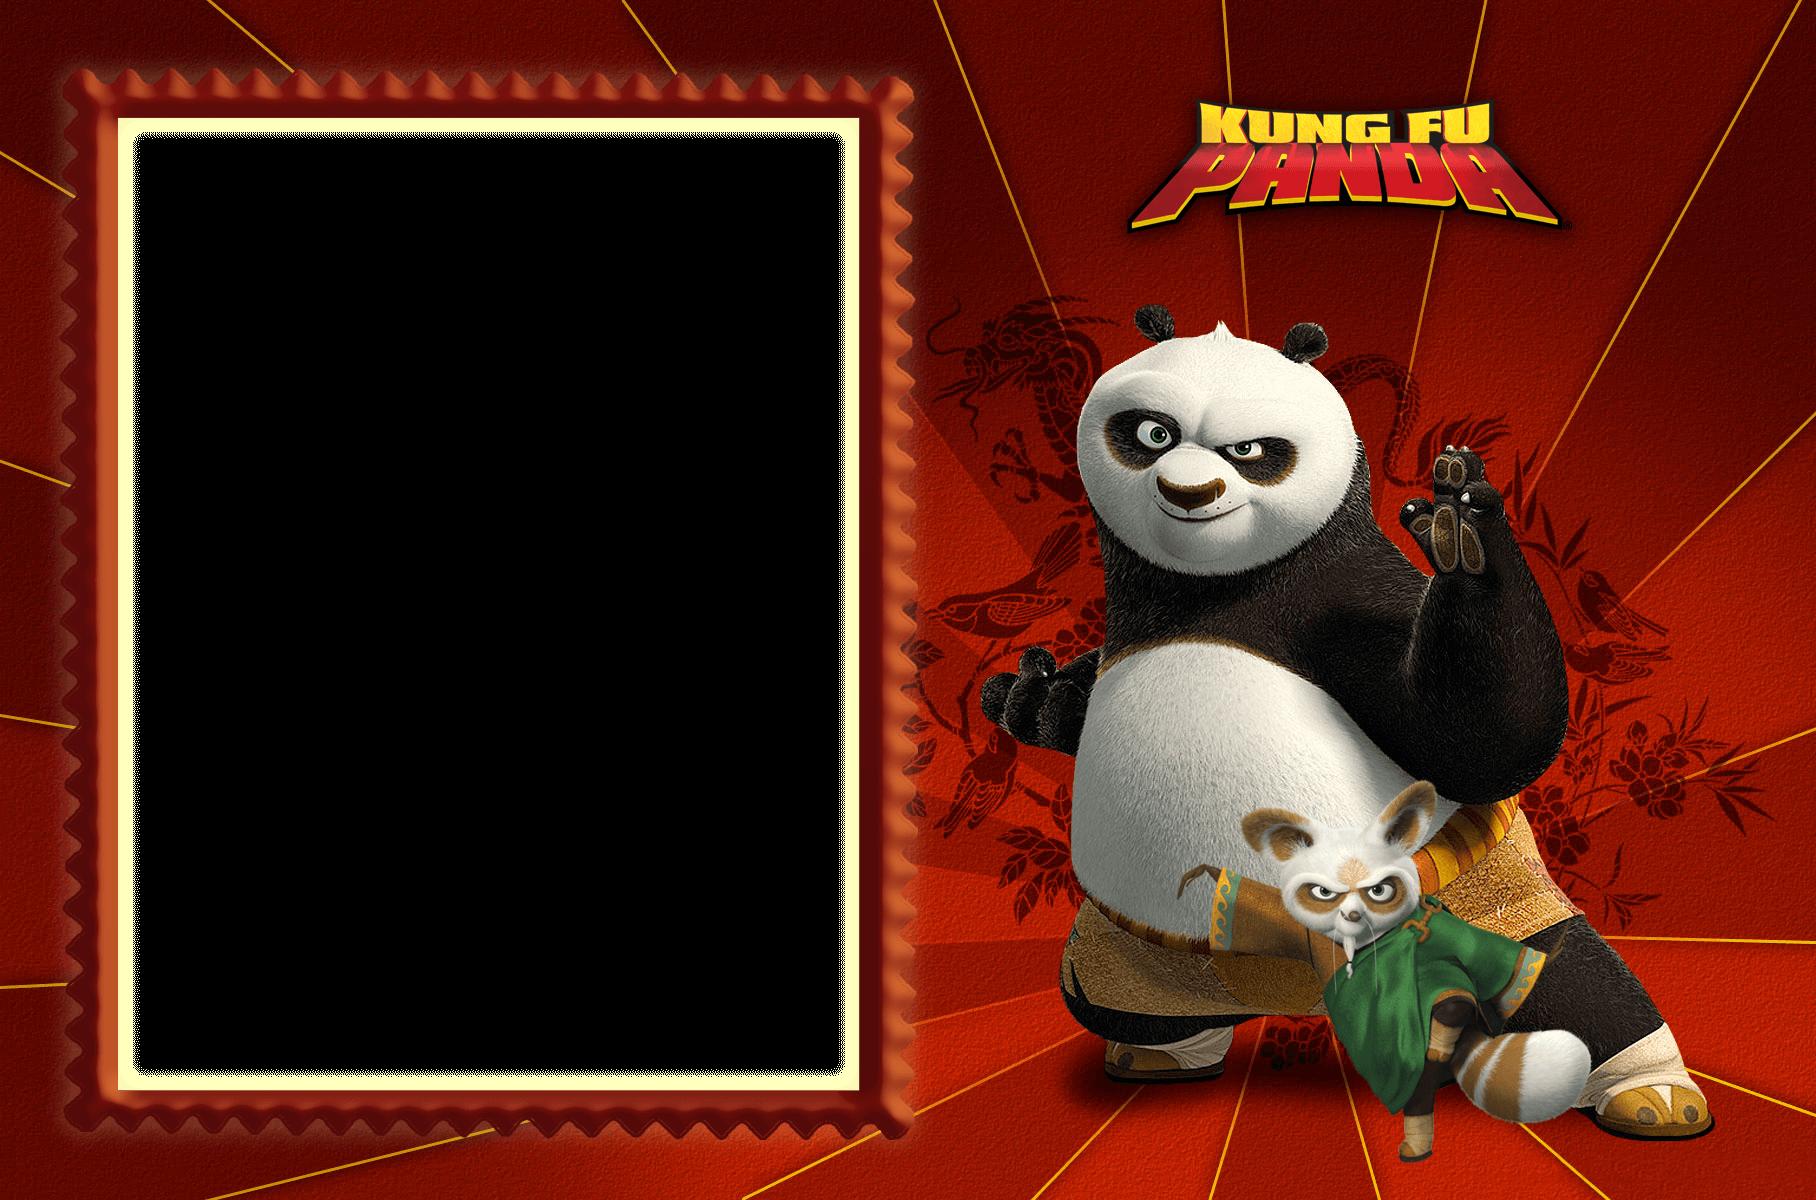 Marco De Foto Kung Fu Panda  - Marco De Foto Kung Fu Panda